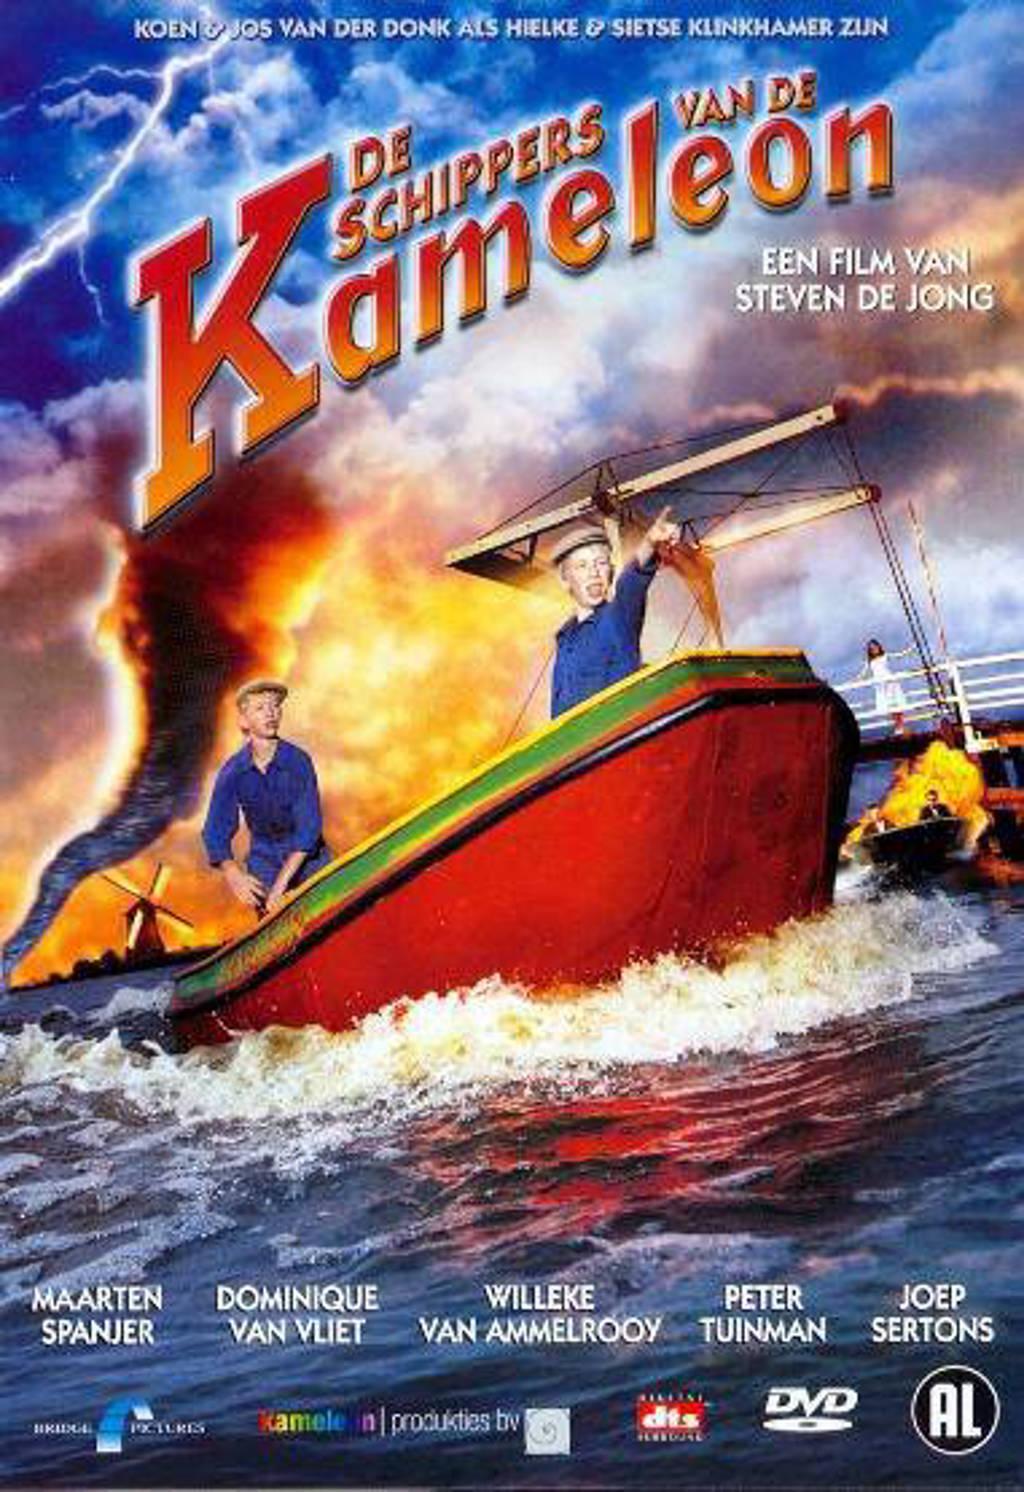 Schippers van de Kameleon (DVD)